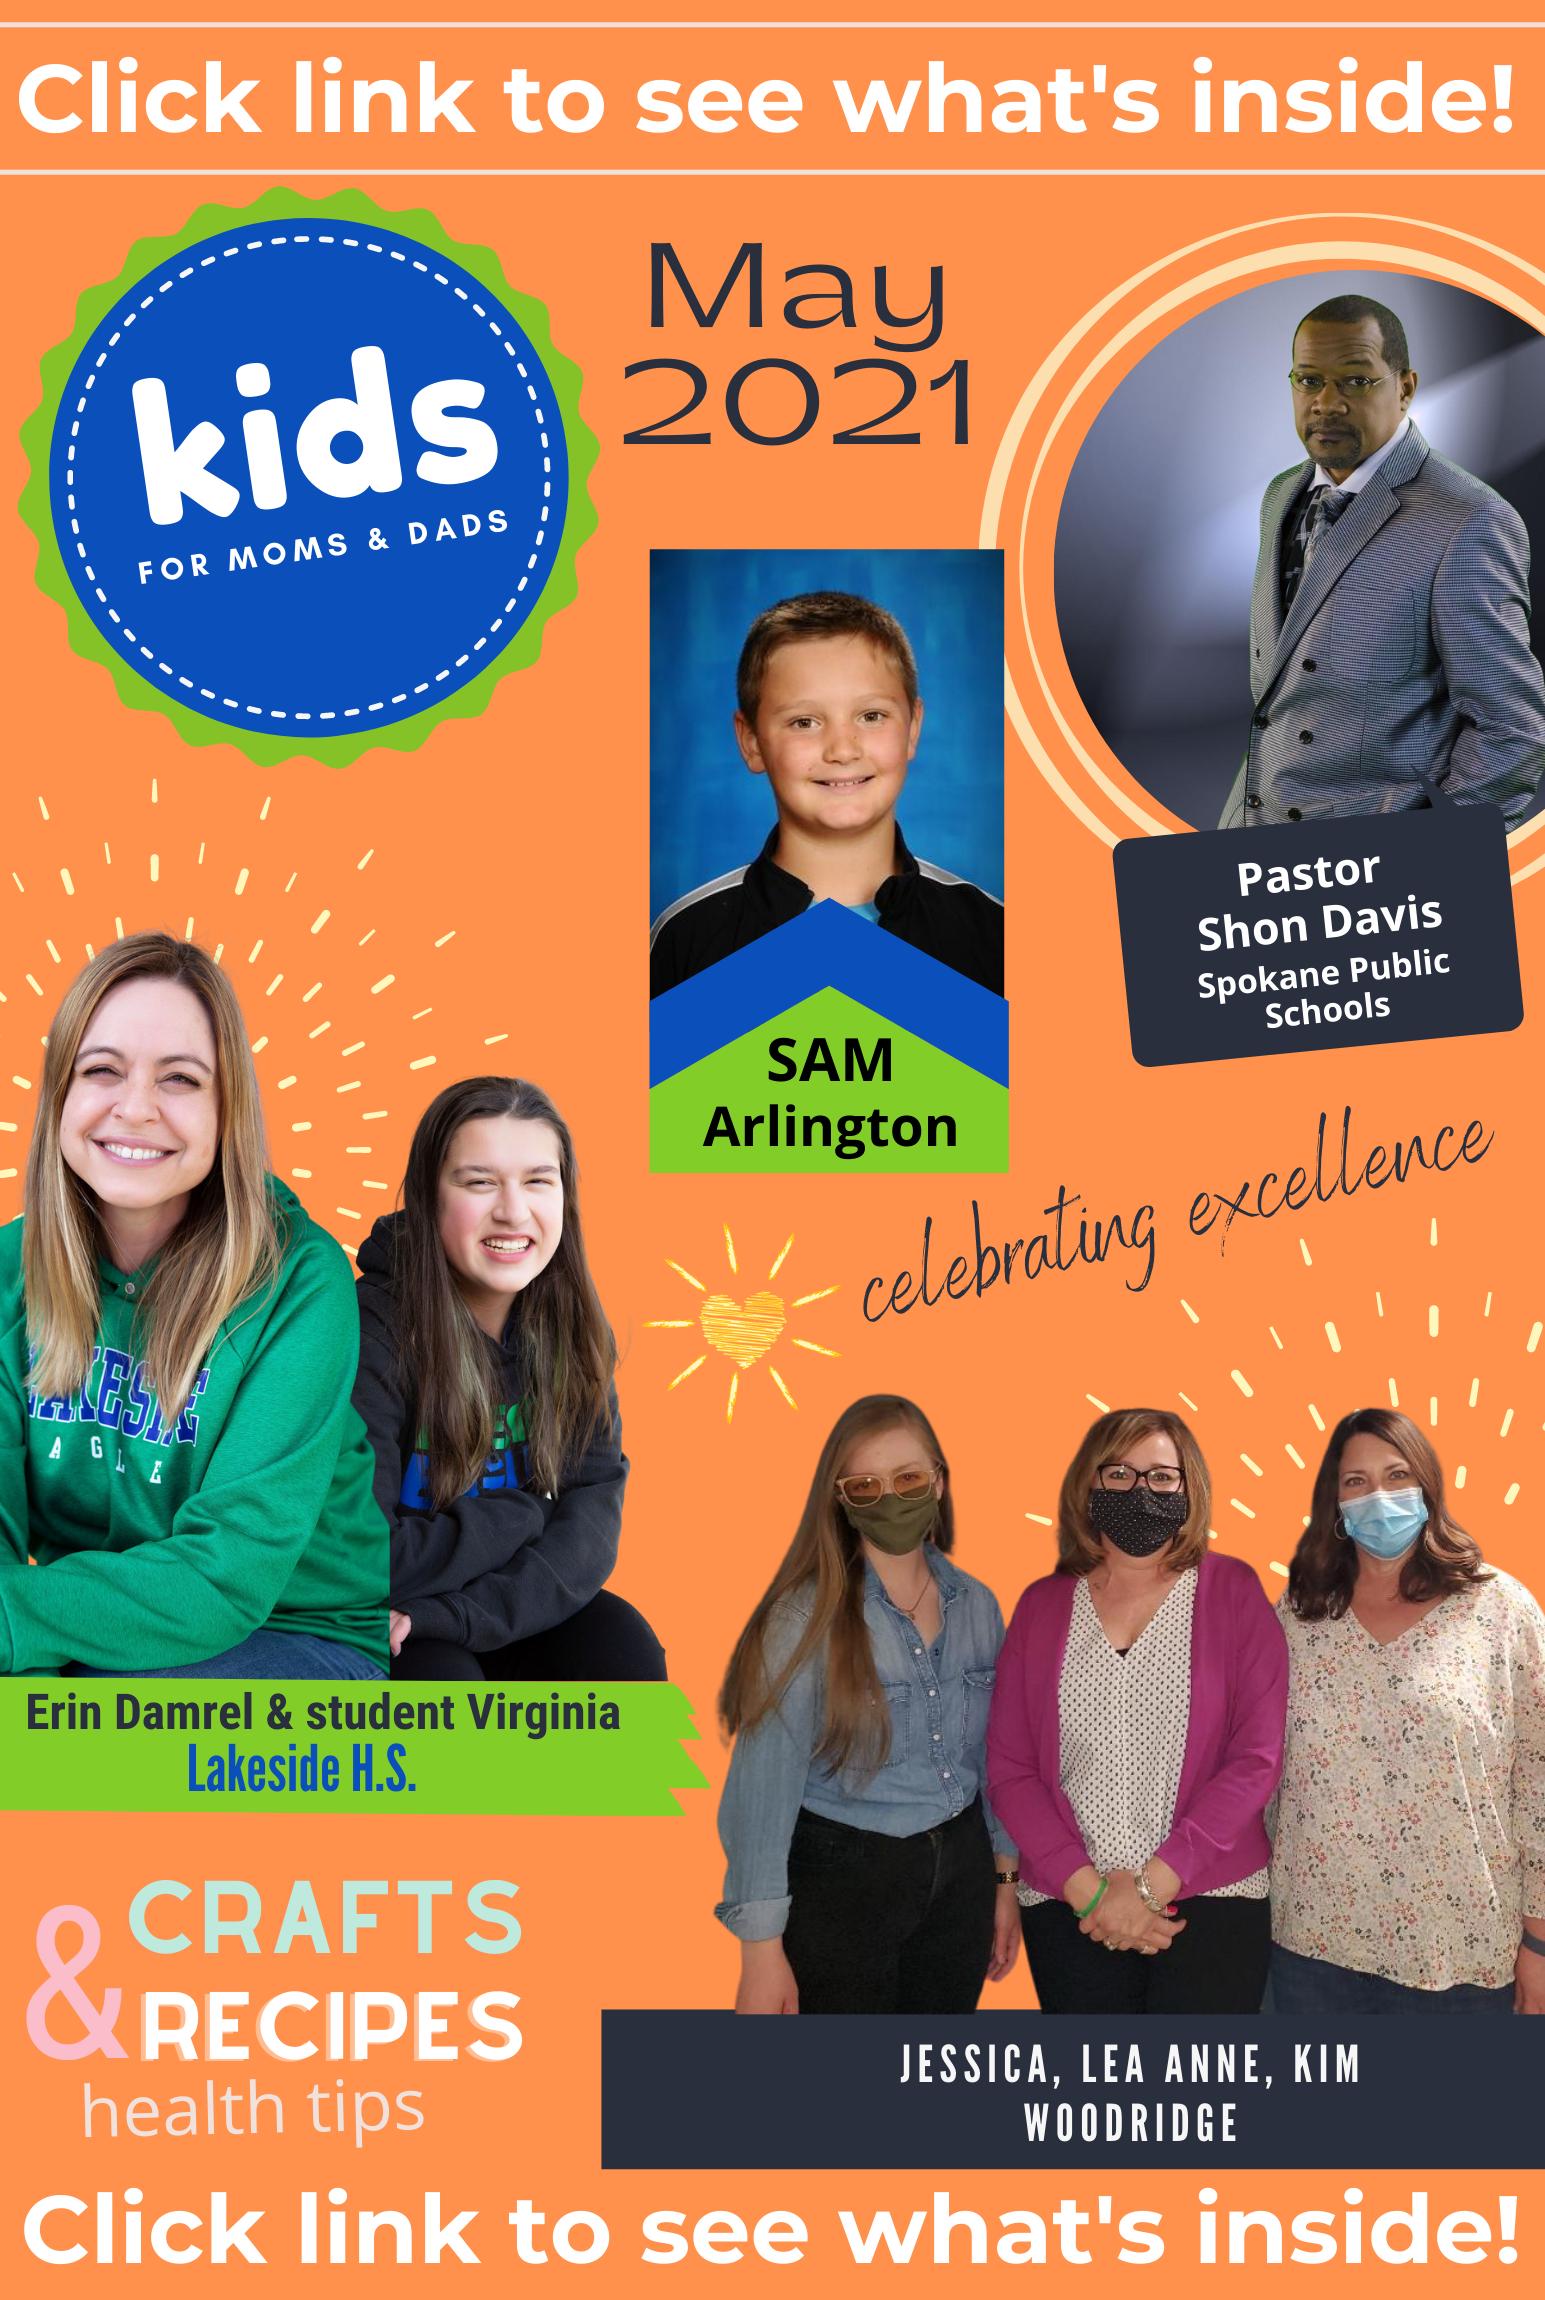 Kidsnewspaper